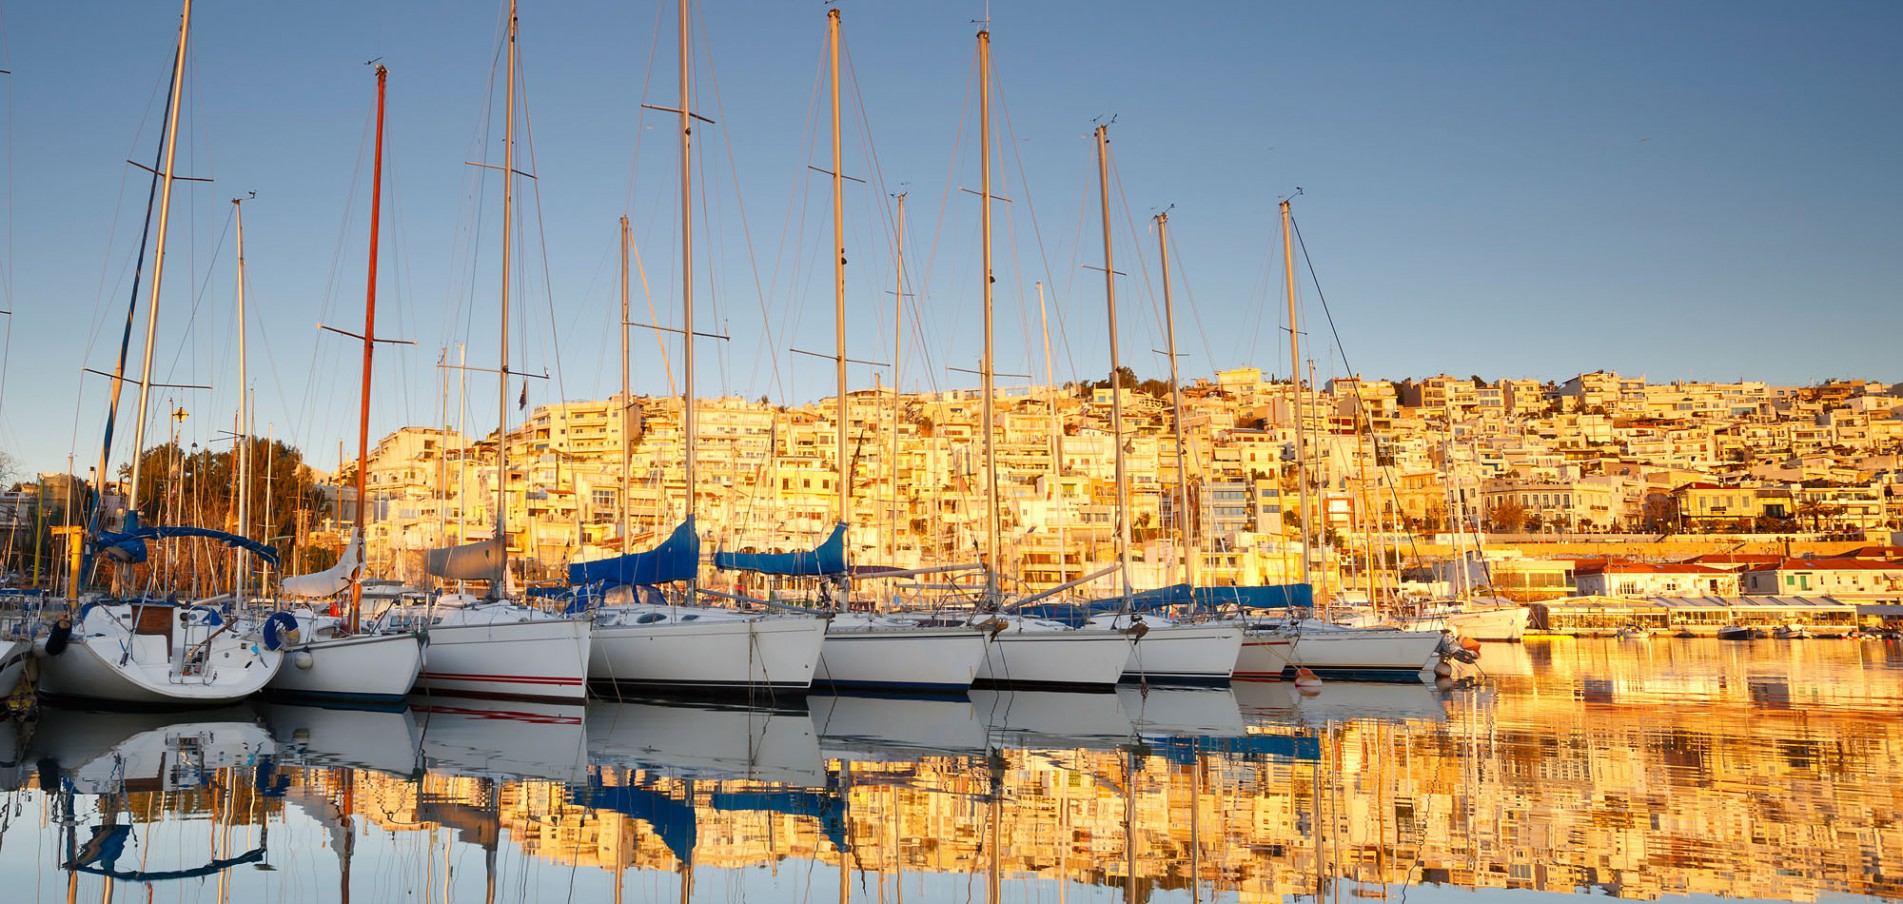 Willkommen in Athen ... der Stadt der Antike!